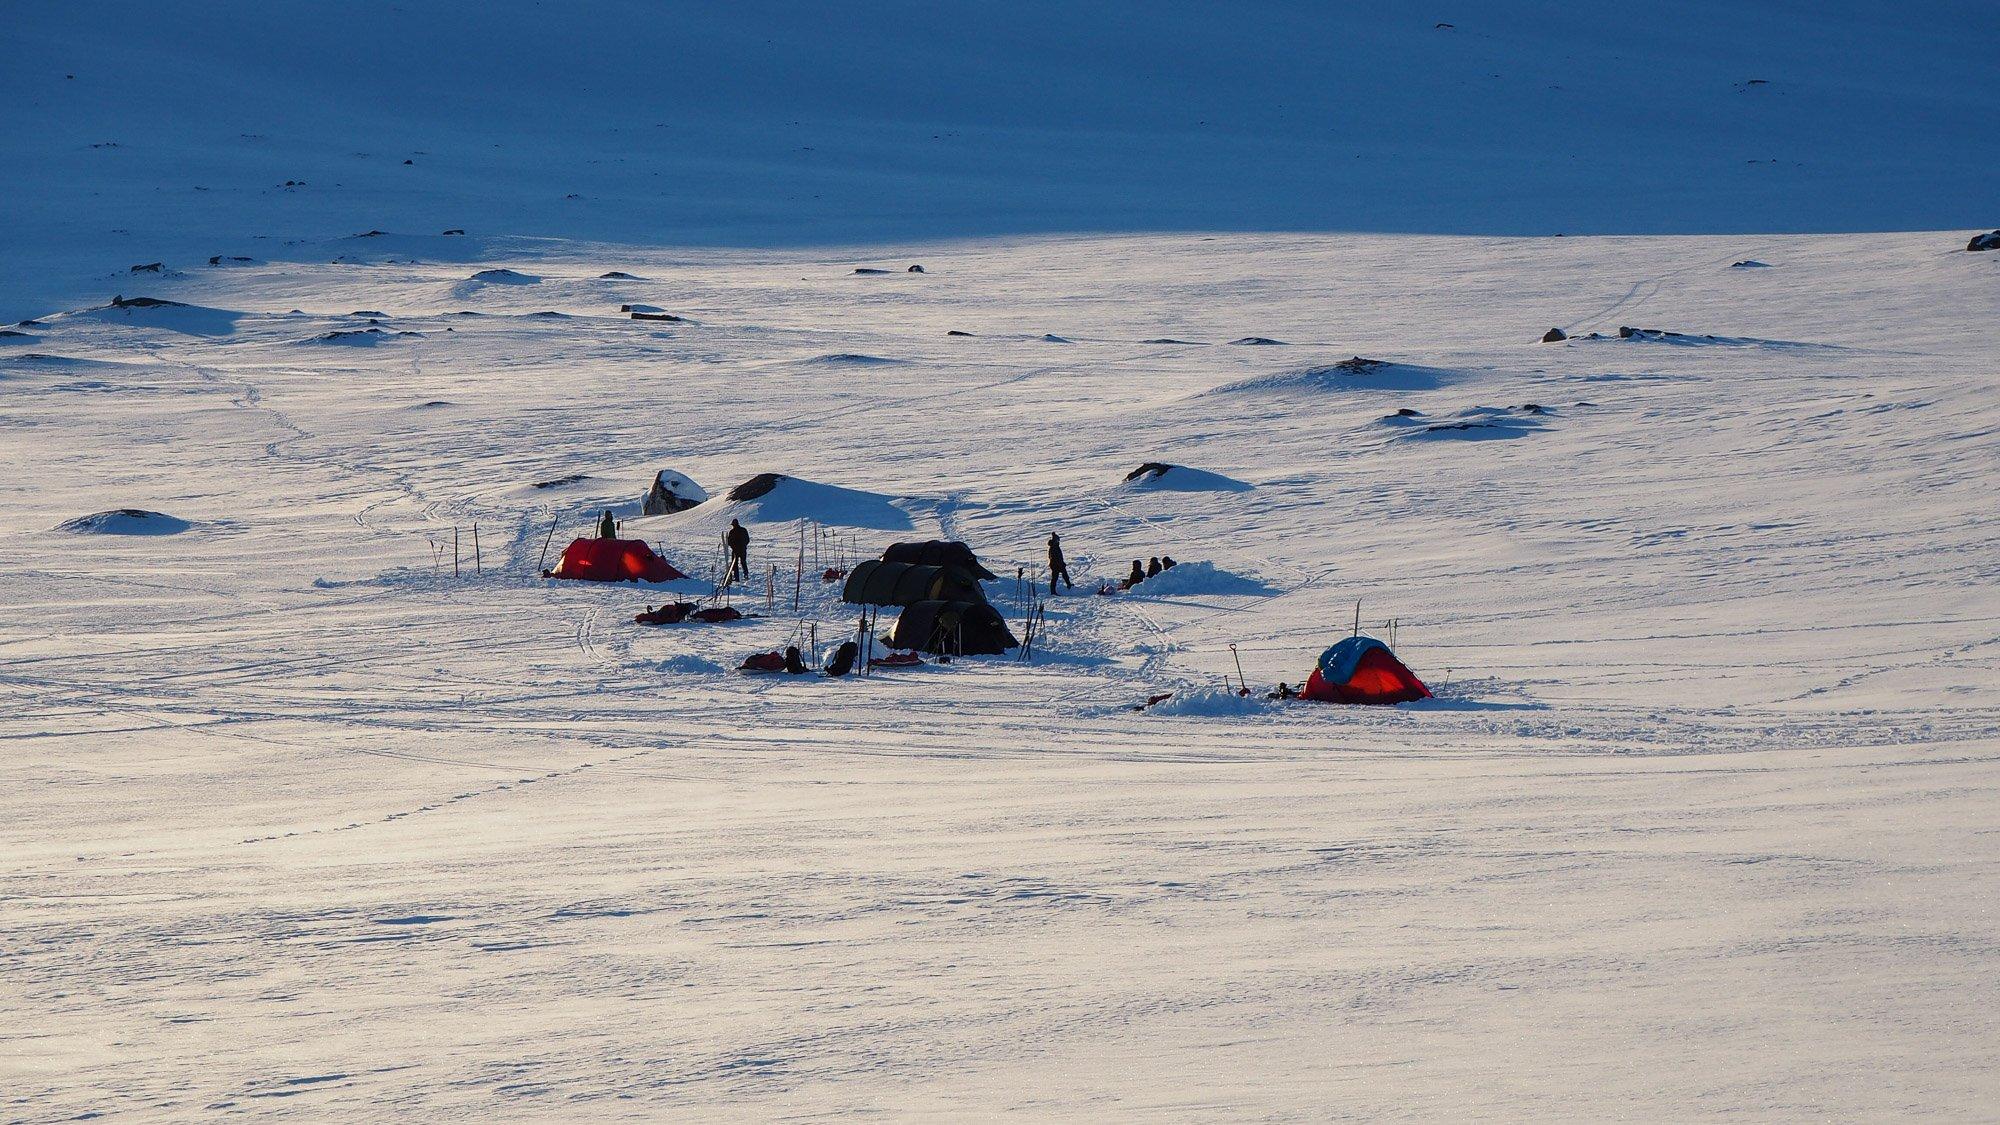 Kuvassa 5 teltan leiri lumisessa laaksossa.